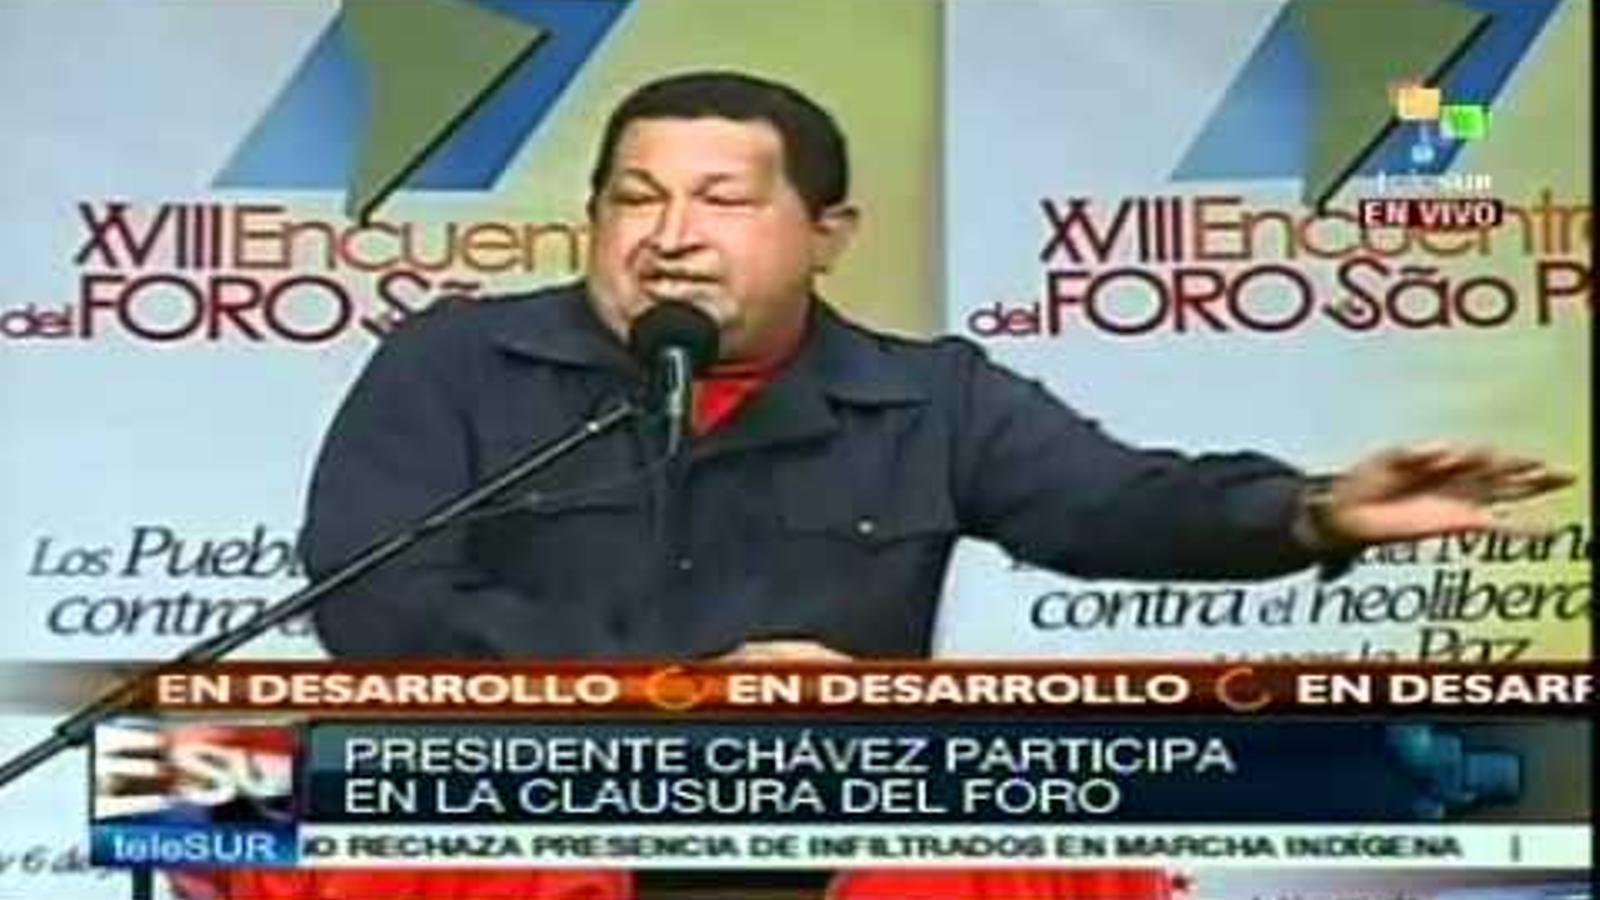 Chávez parla sobre Fidel en un discurs